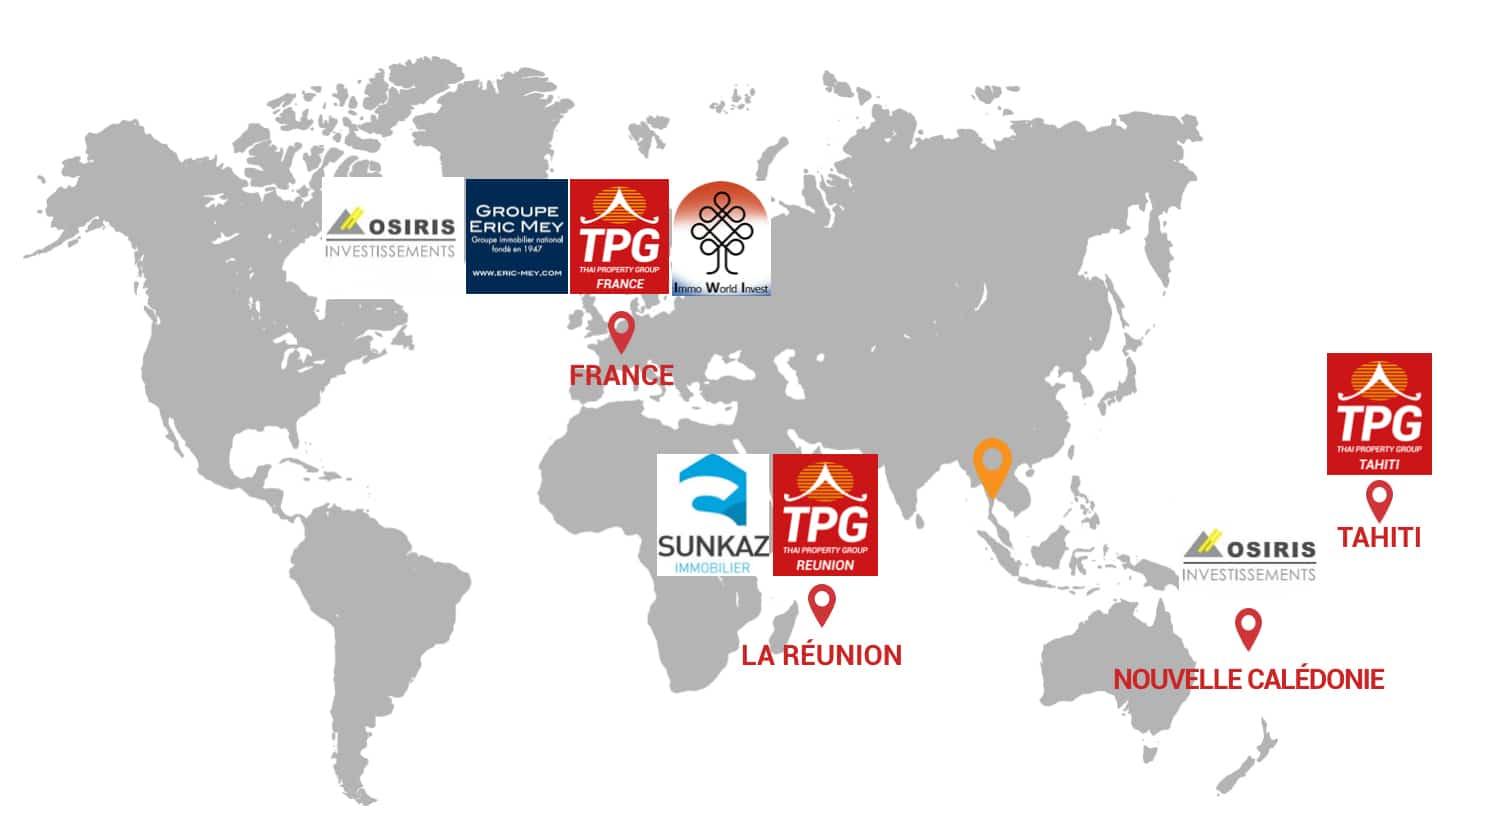 Réseau TPG Monde